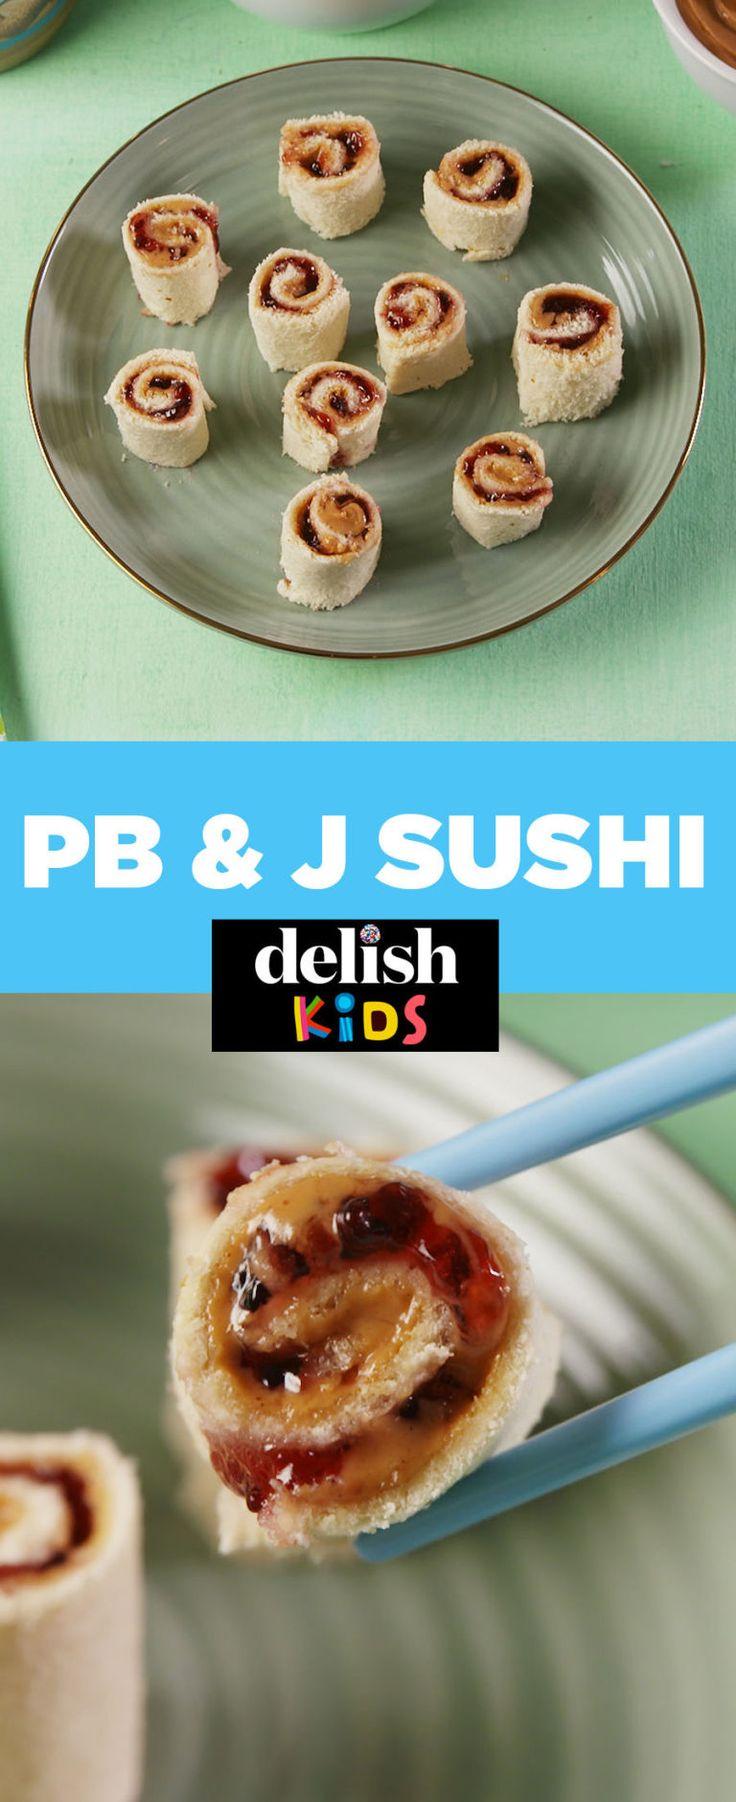 2151 best Burger - Sandwich - Wrap images on Pinterest | Baking ...